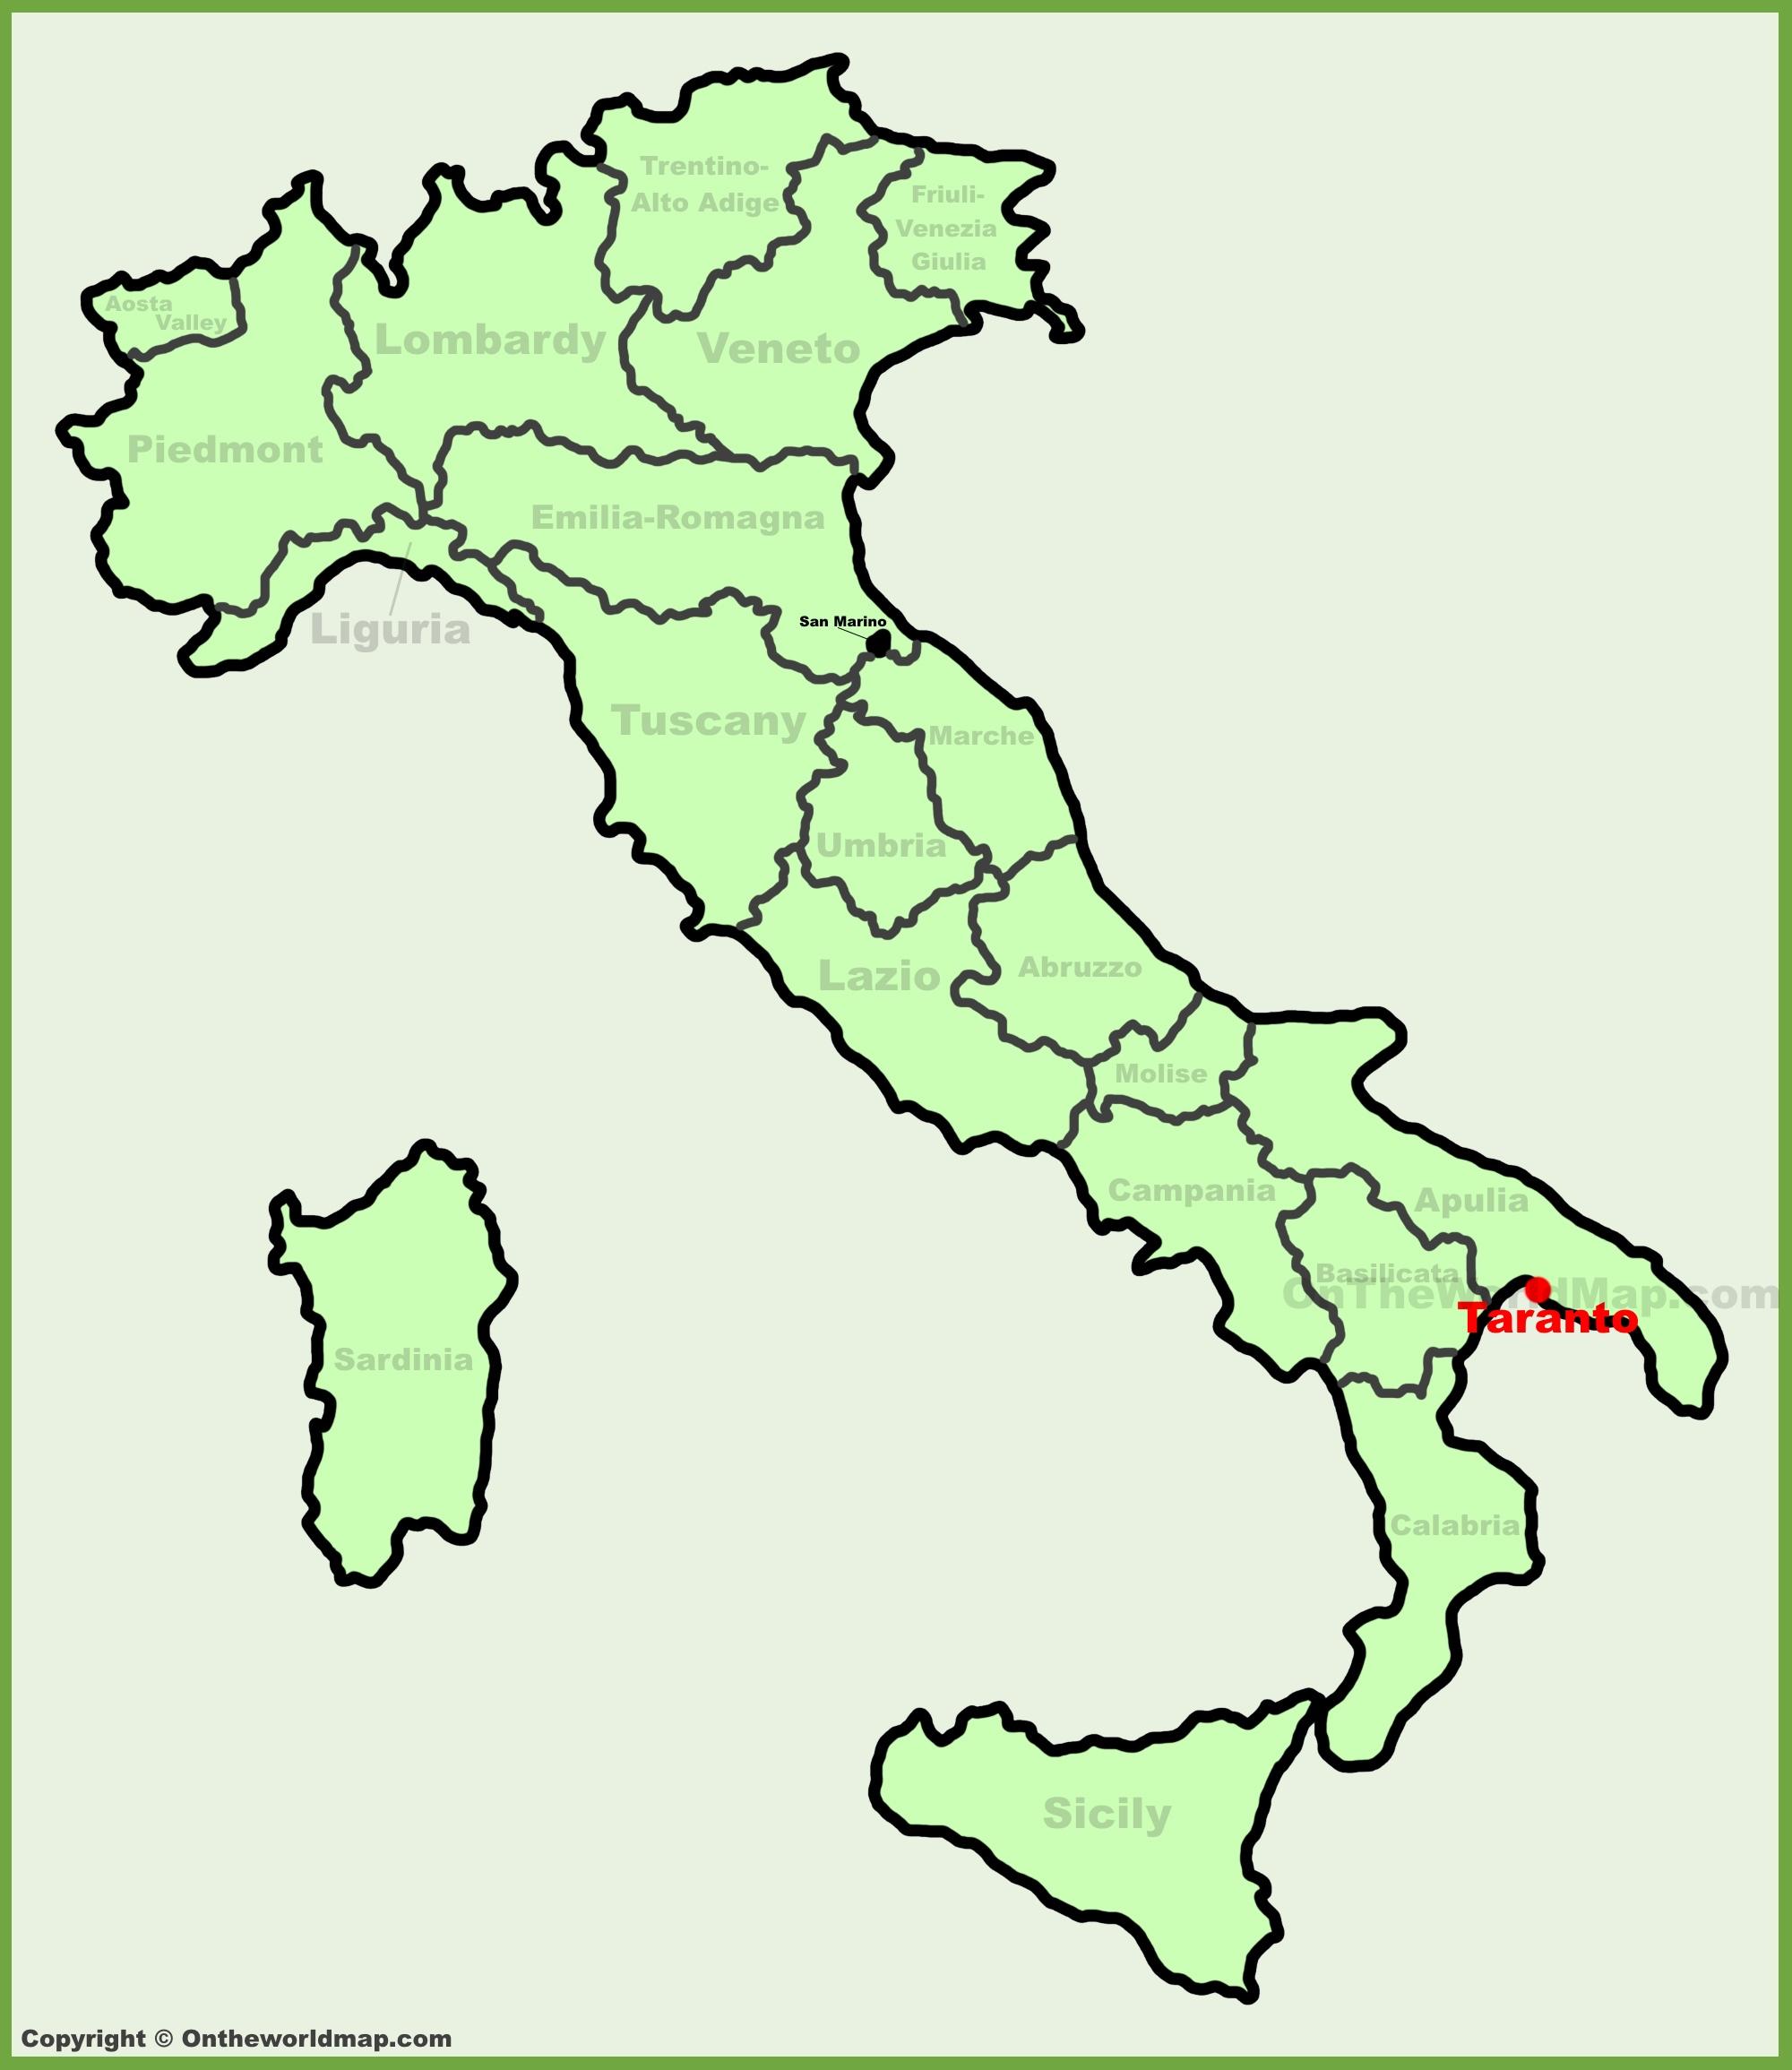 Taranto location on the Italy map